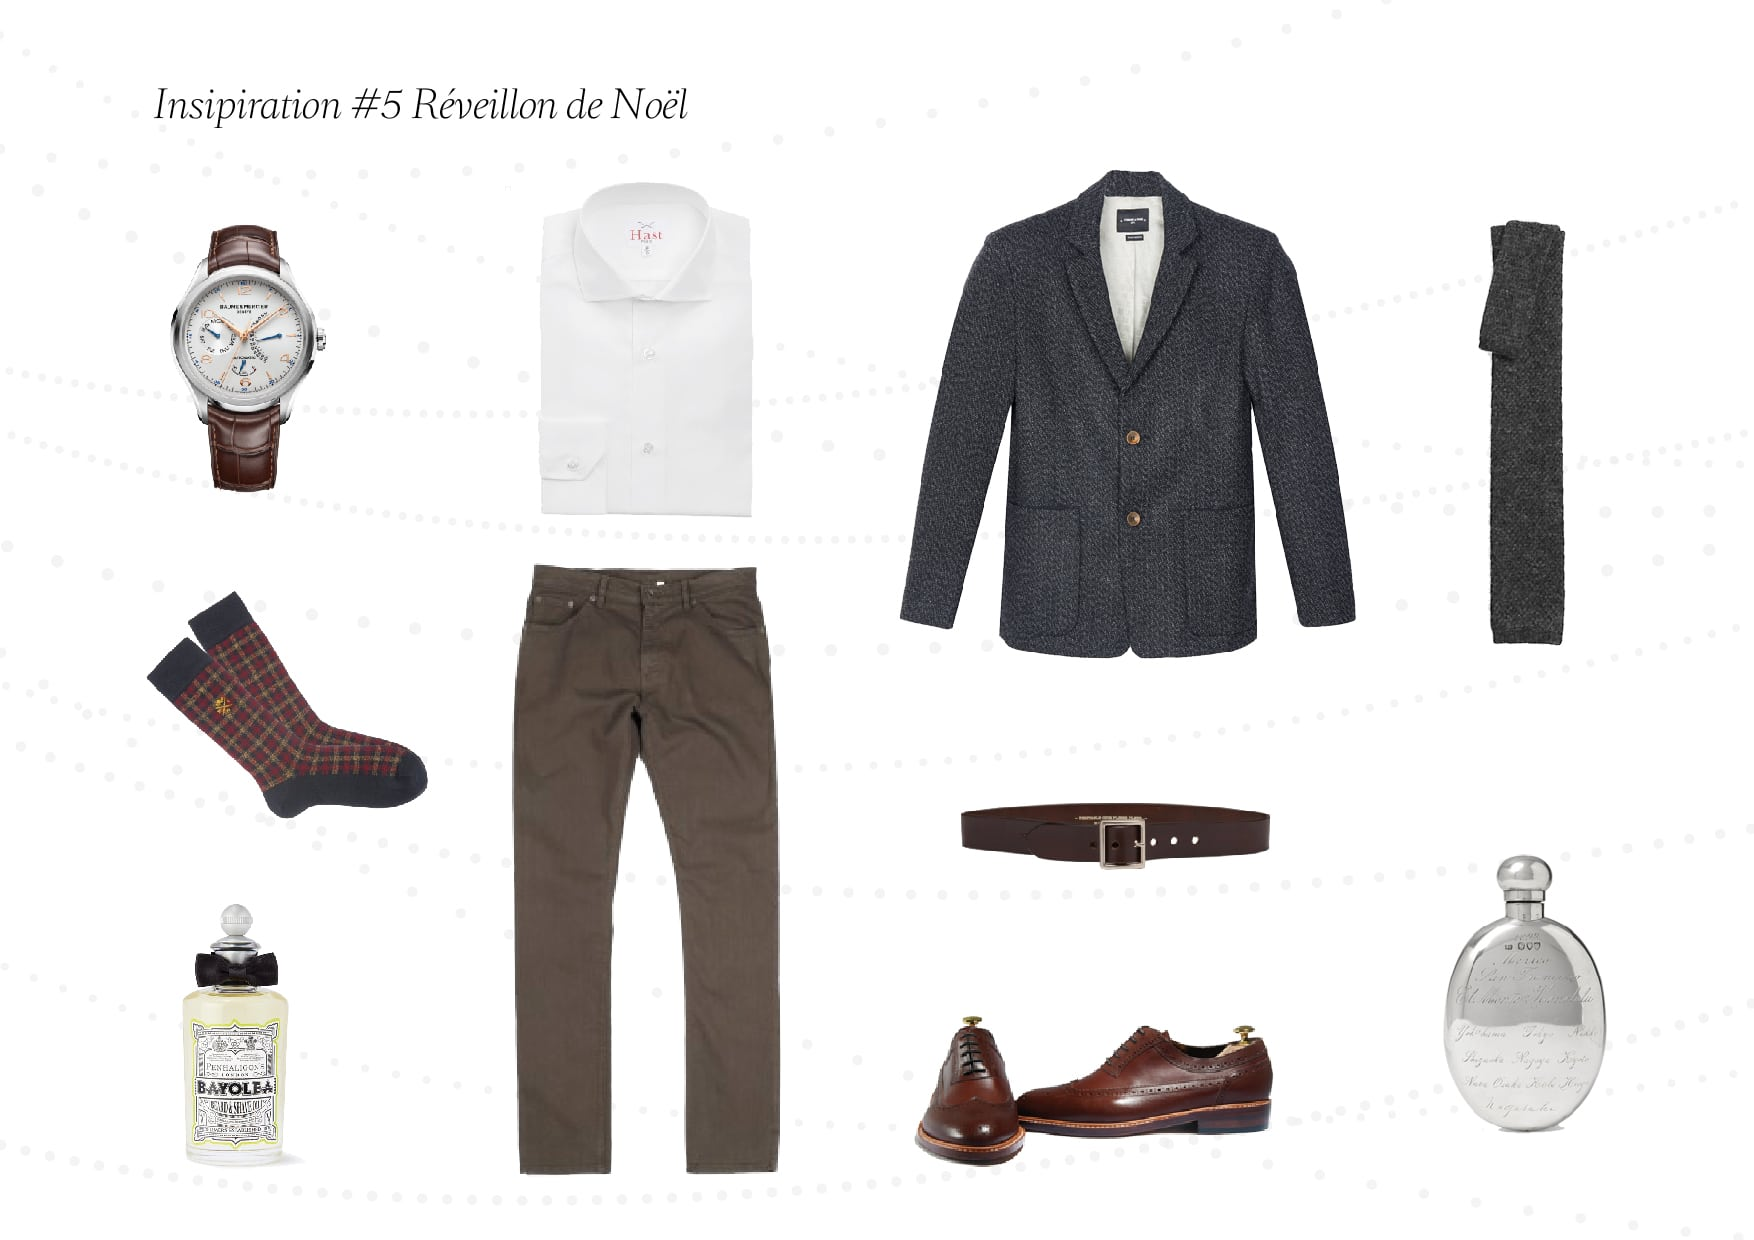 Inspiration du jour 5 01 - Inspiration #5: tenue homme pour le réveillon de noël